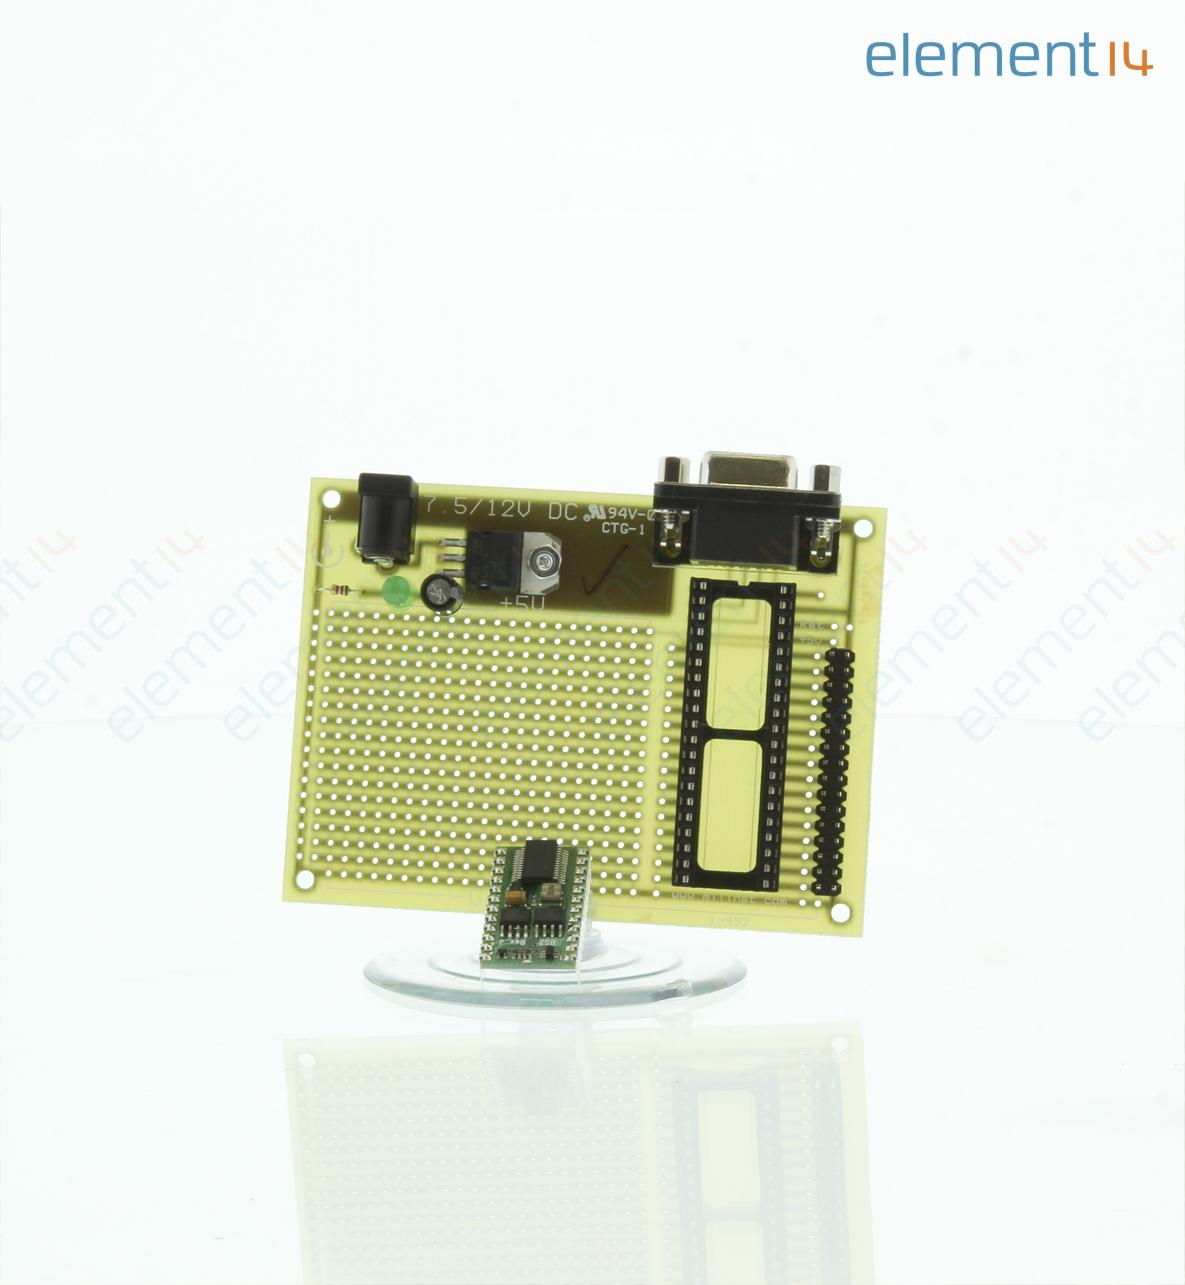 Fluke 1503 Insulation Tester Digital Megohmmeter 500v Wireless Testing A Pt2262based Remote Control Element14